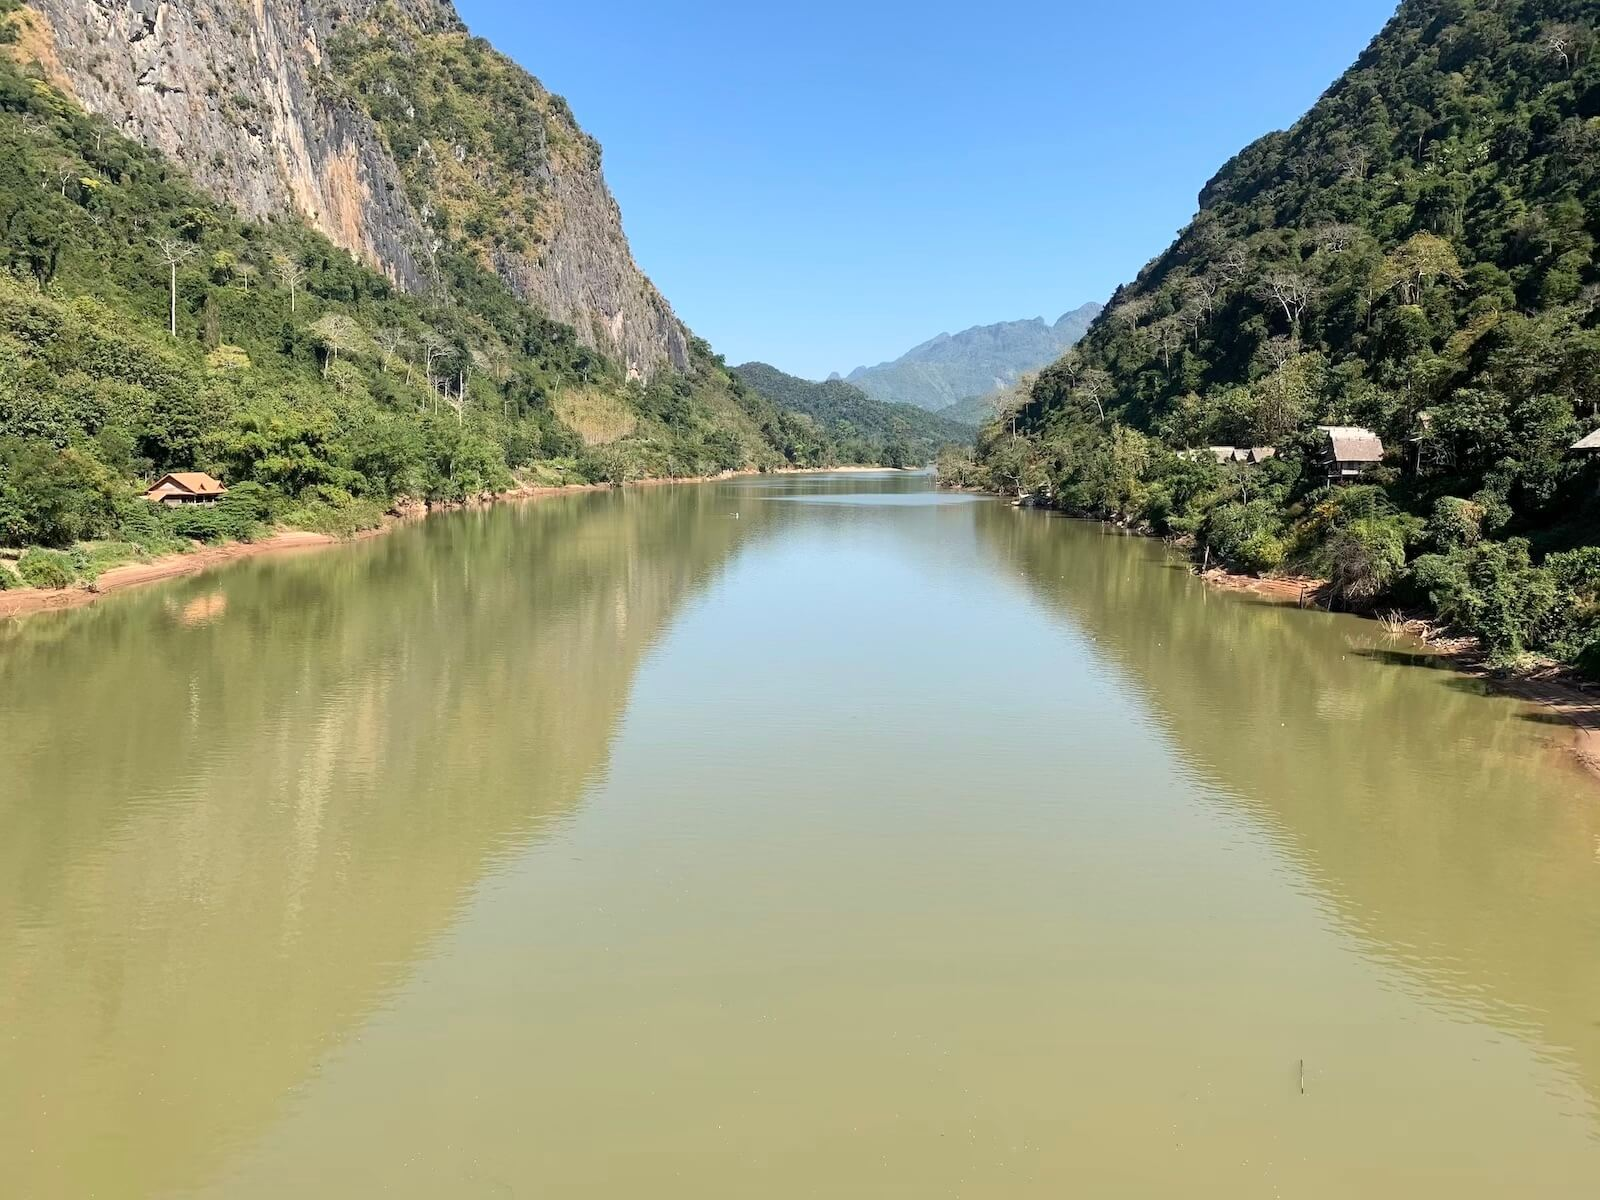 Rzeka Ou w Nong Khiaw - fot. Rafał Niedzielski